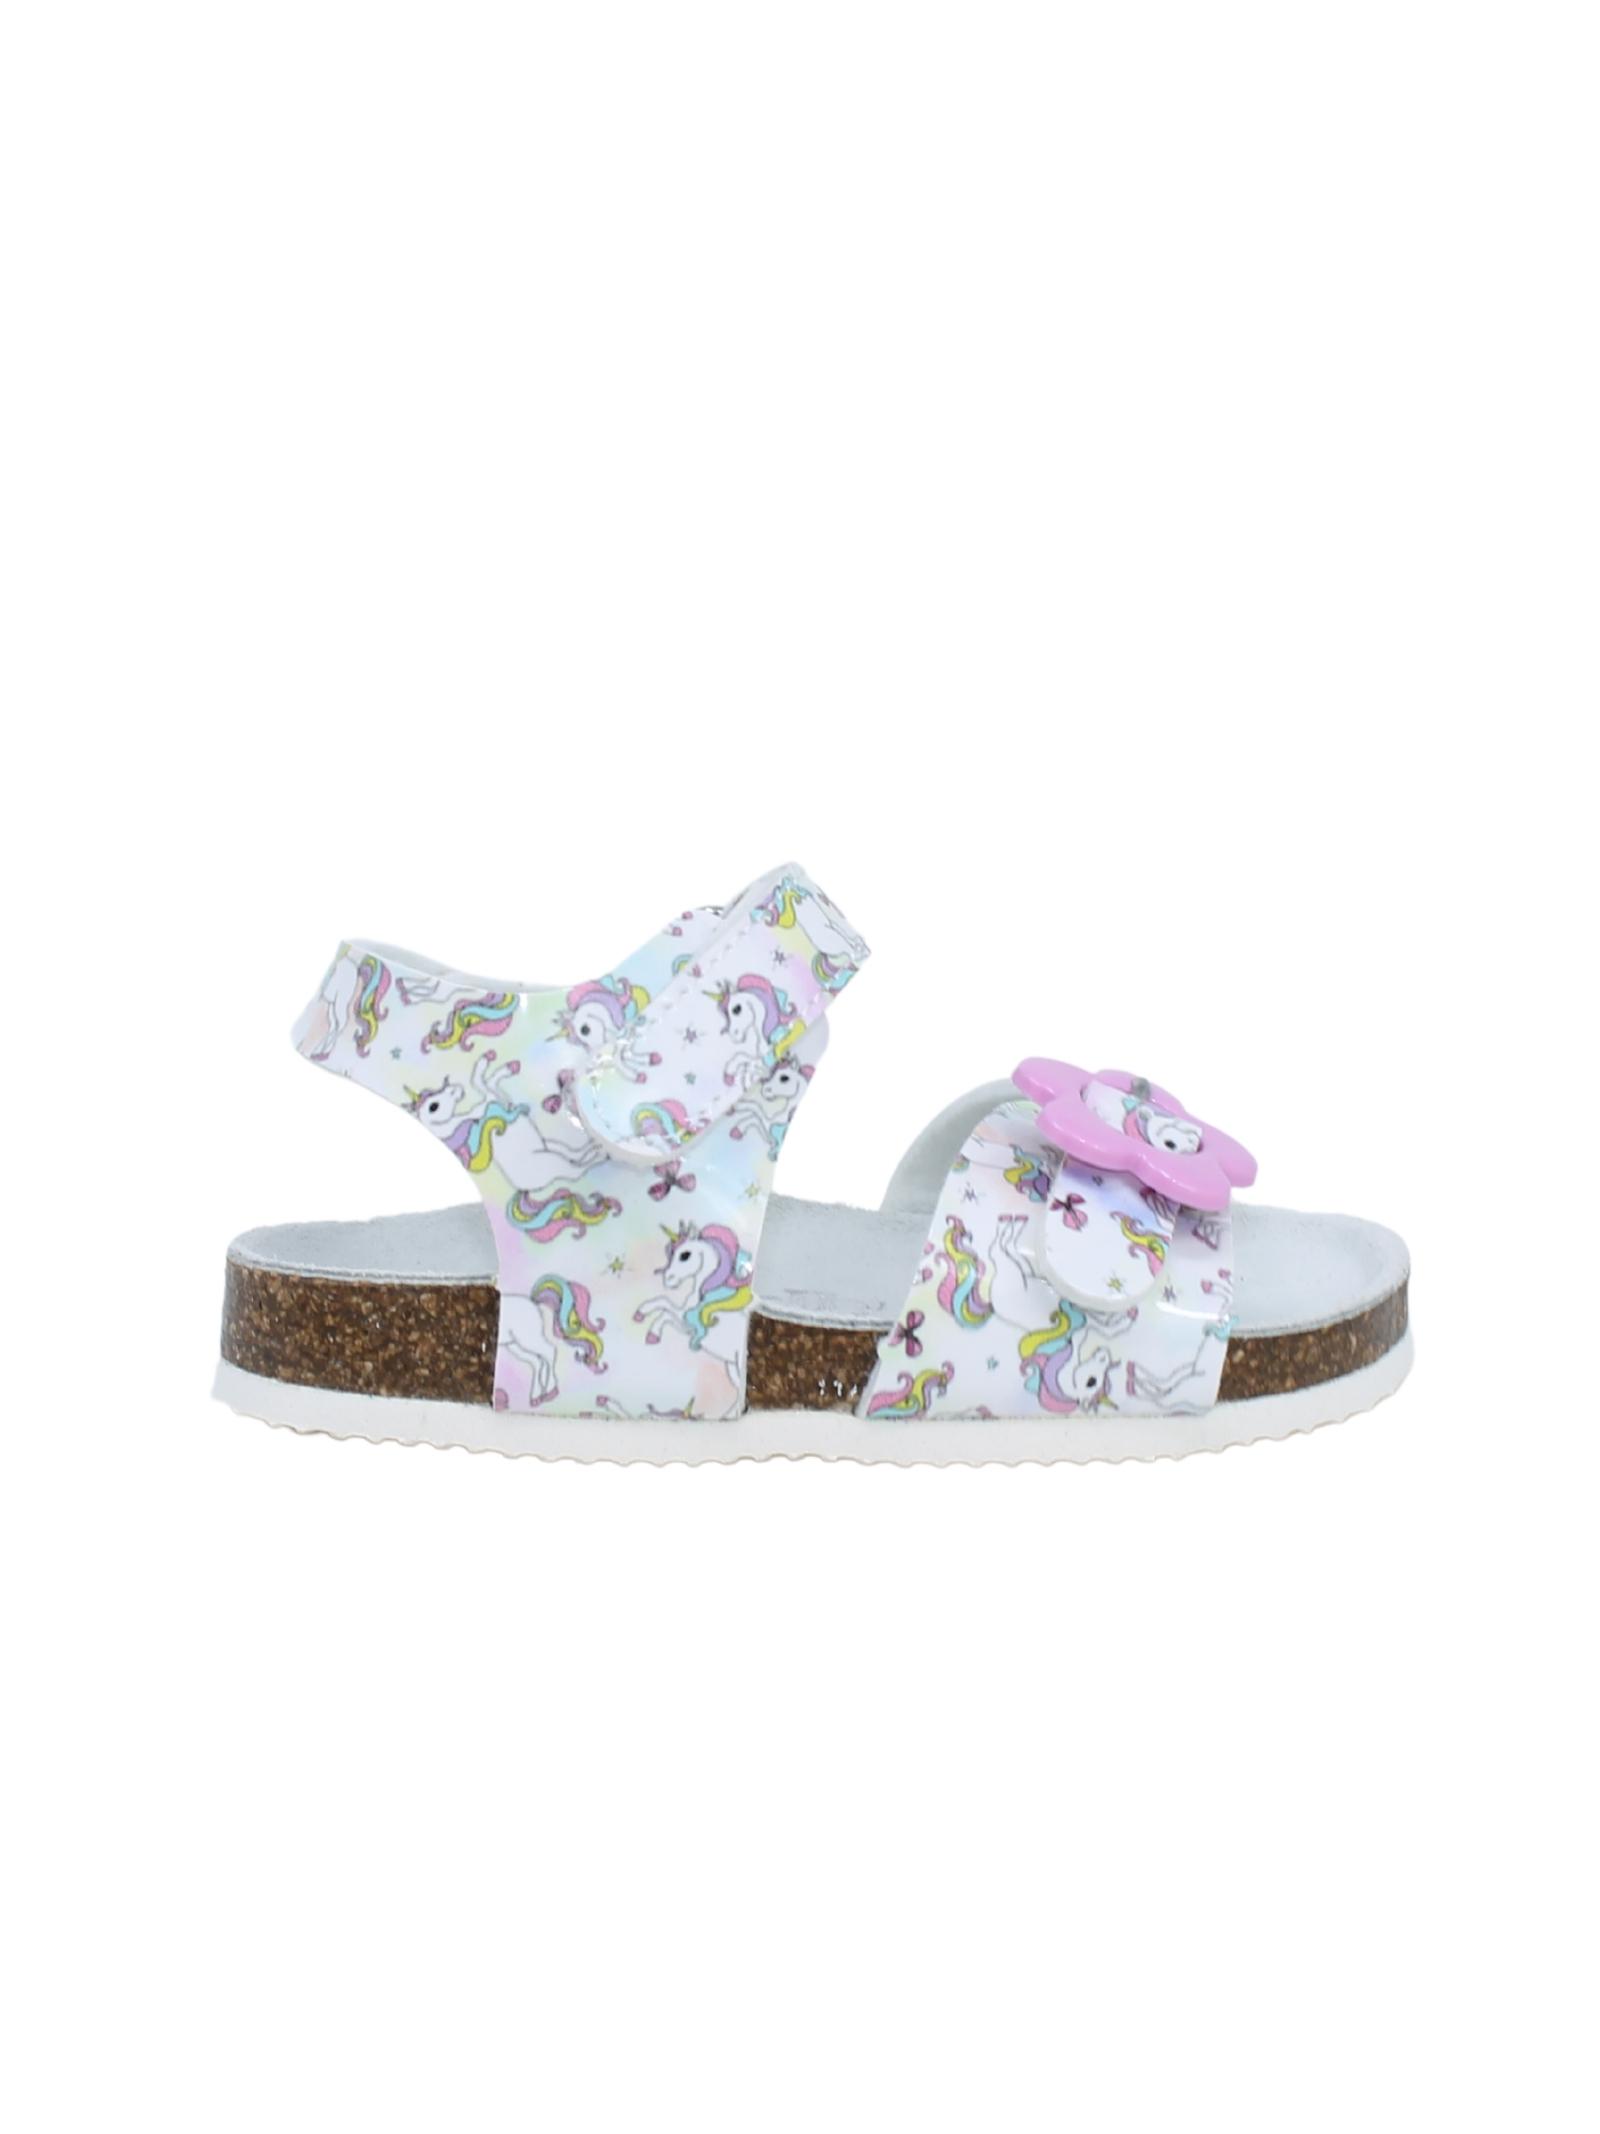 Sandalo White Unicorno LELLI KELLY | Sandali | LK4577UNICORNO